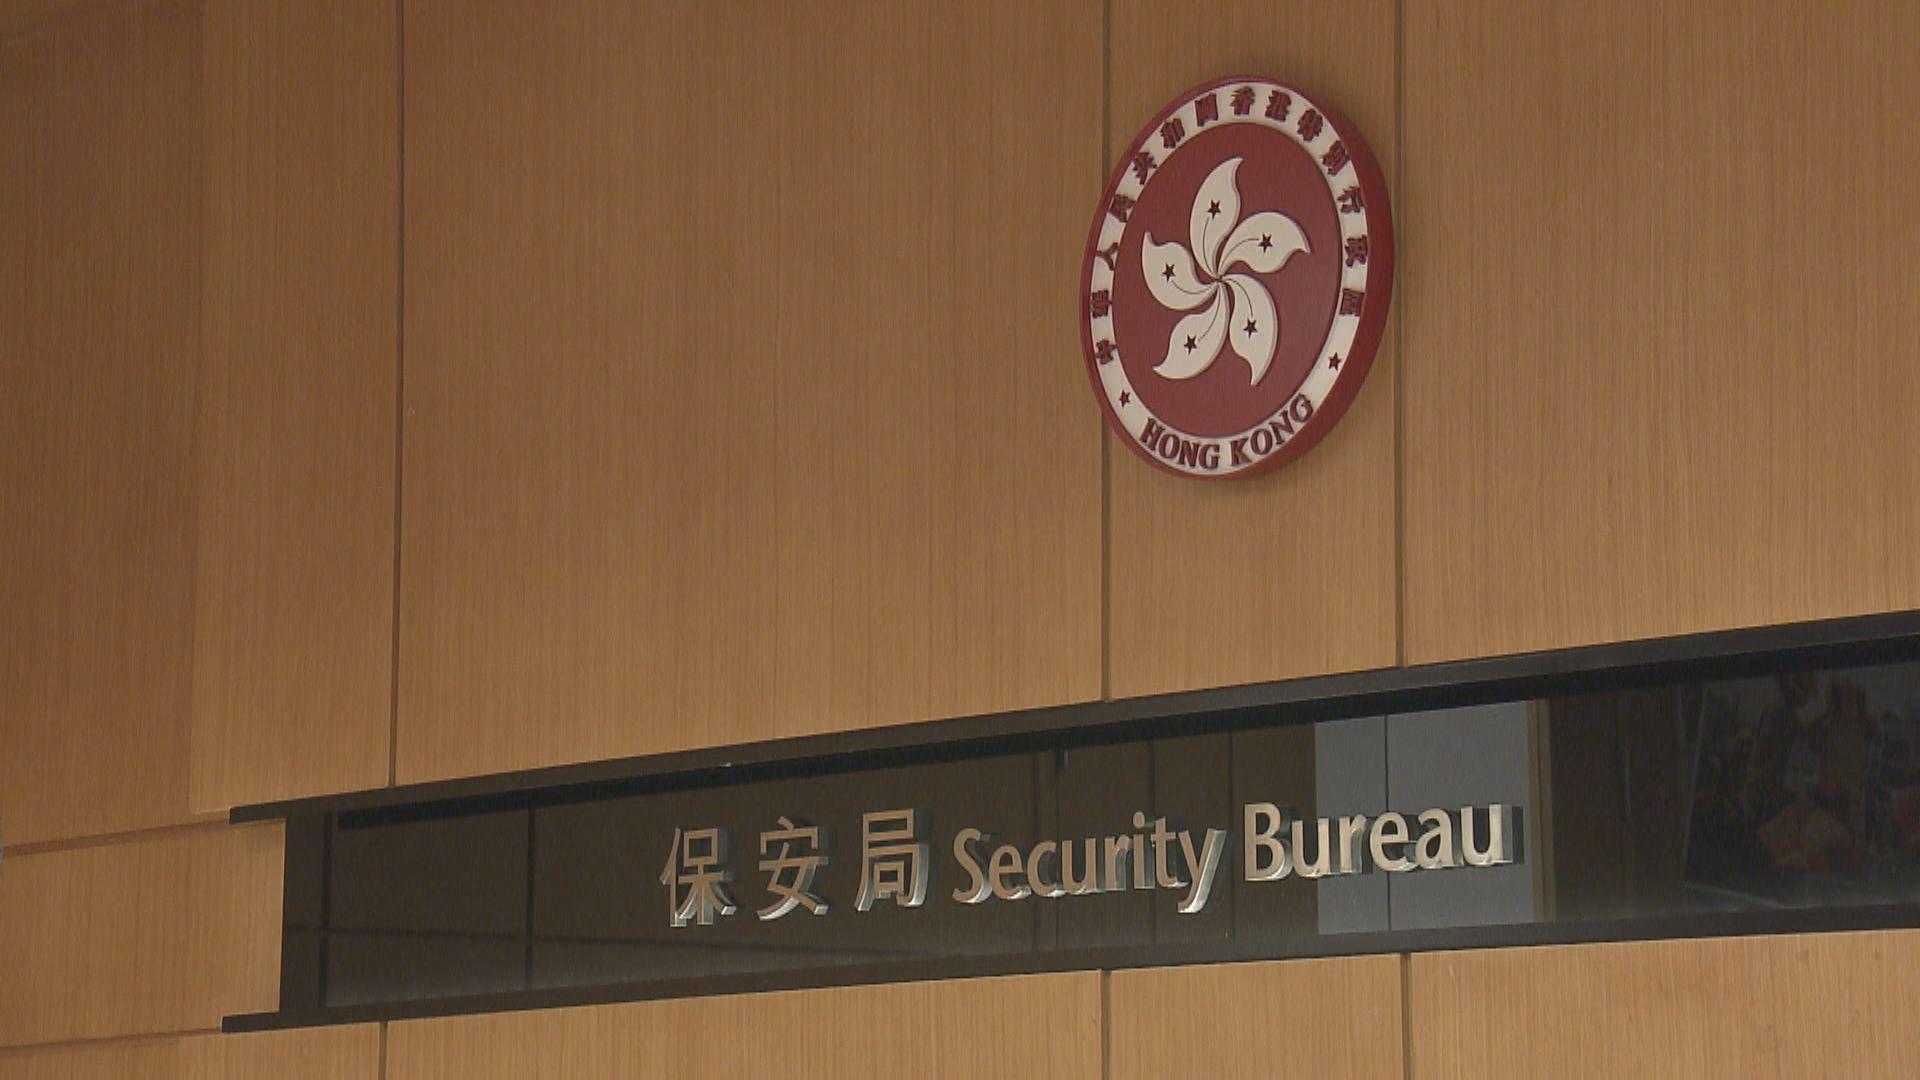 保安局:已提醒入境處公開聆訊前應避免公開爭辯